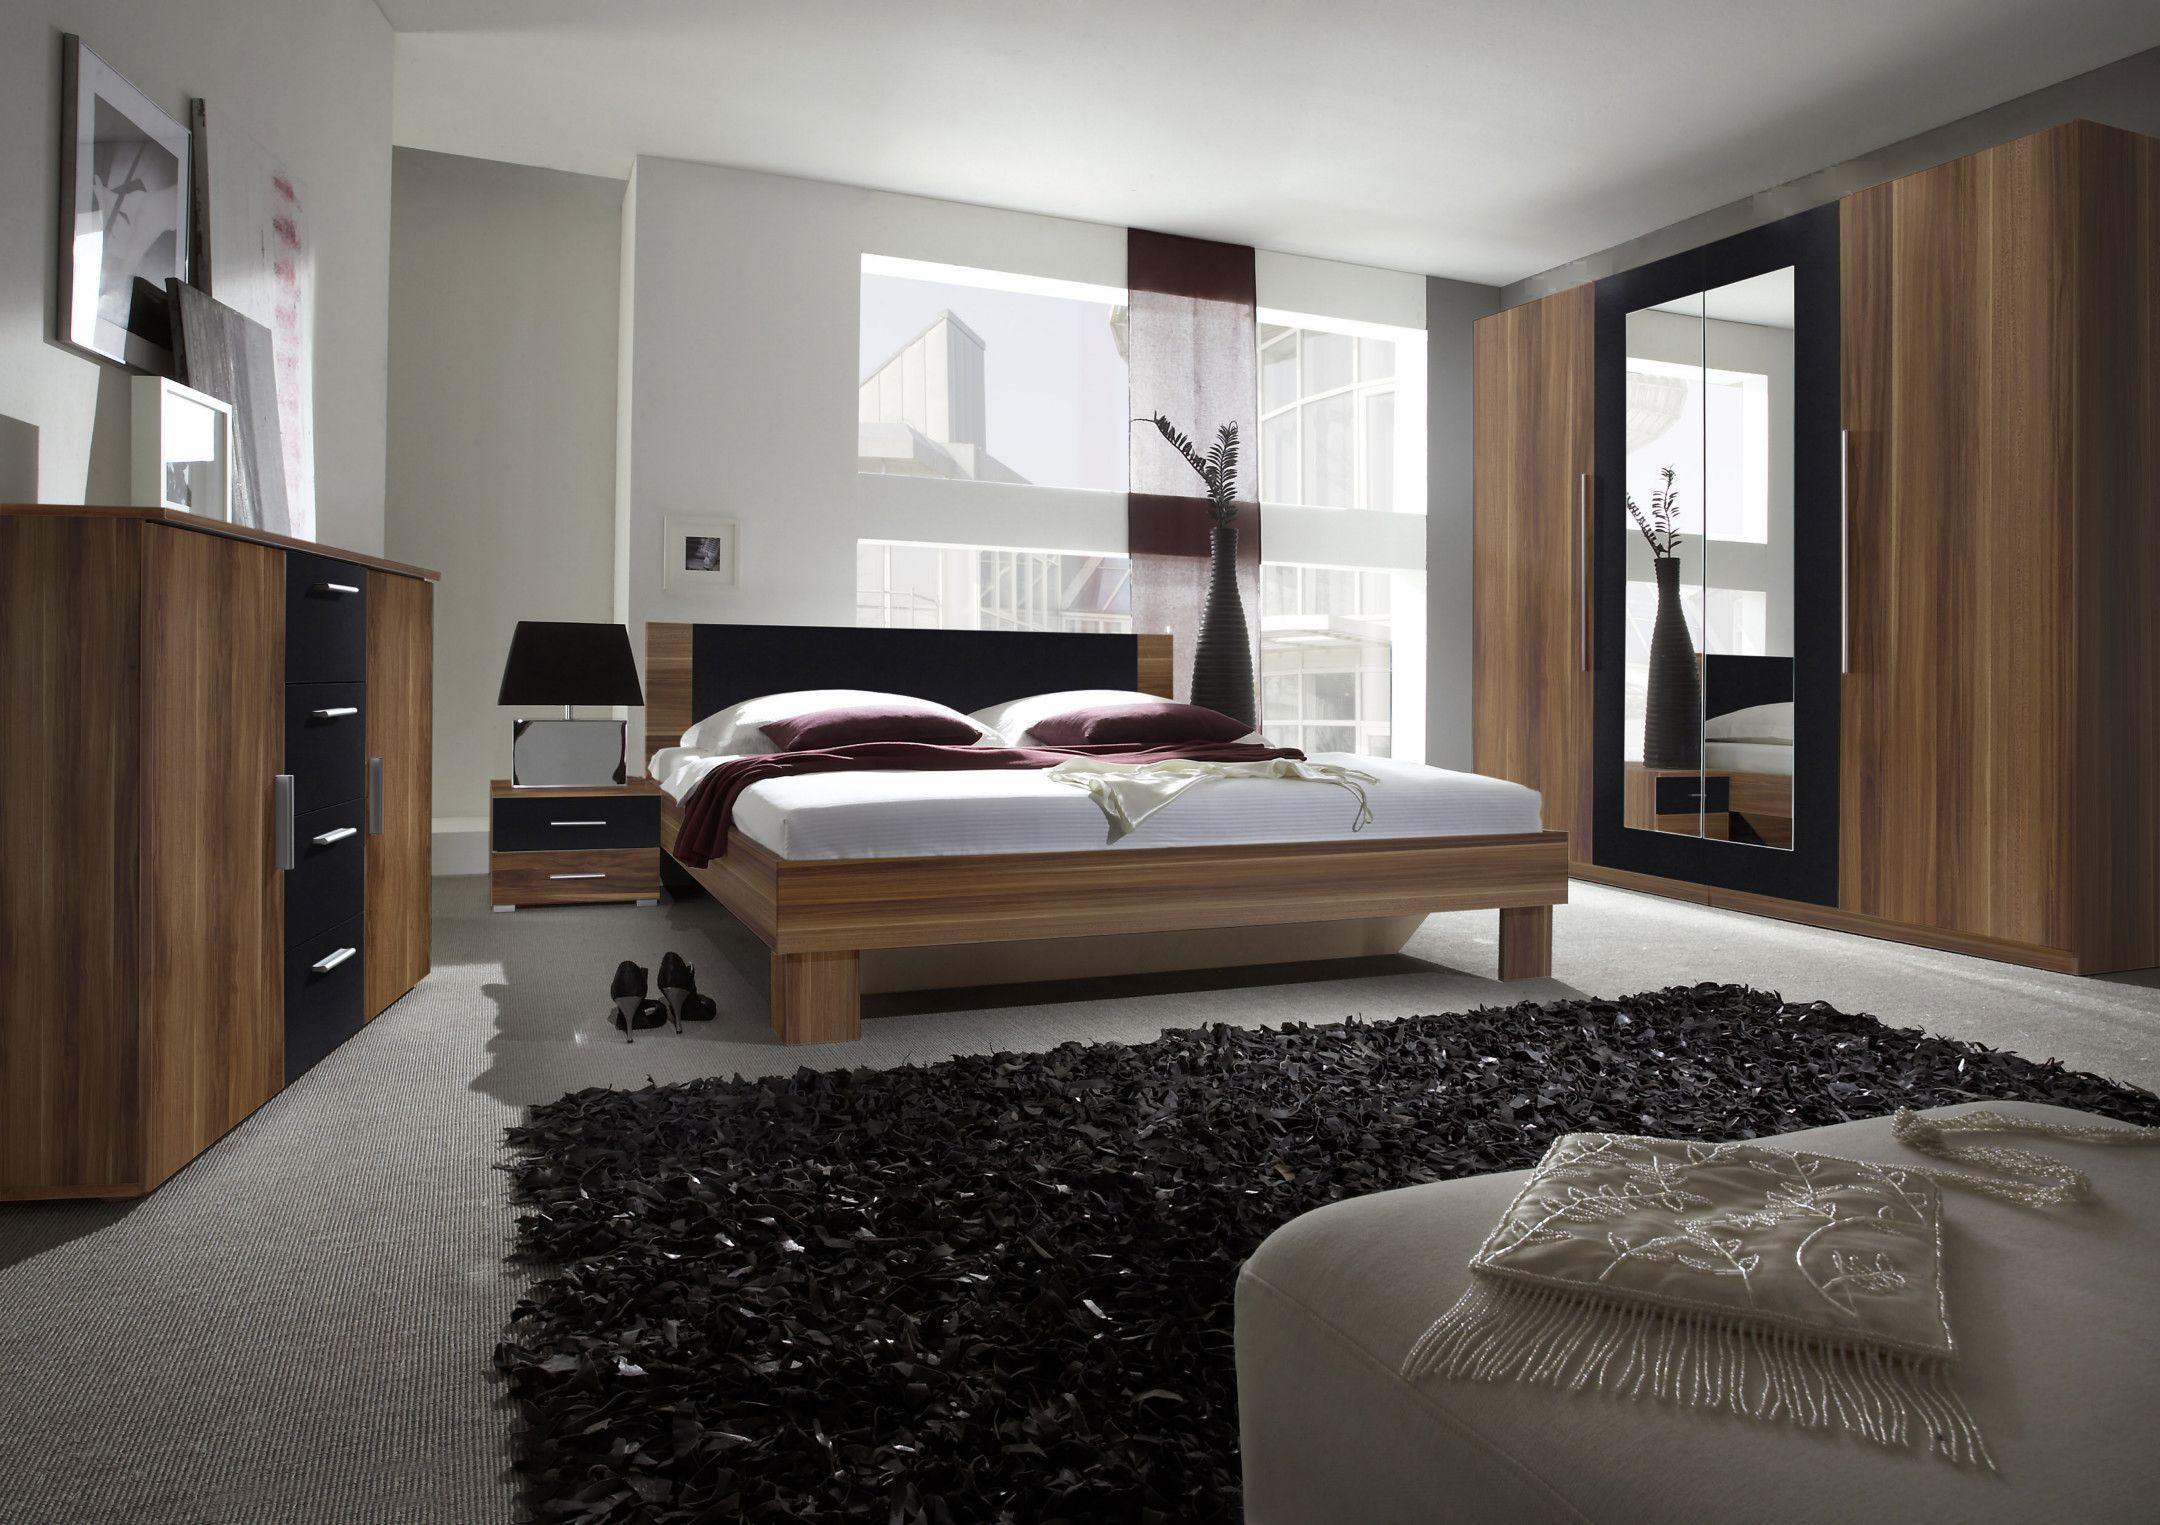 Schlafzimmer Mit Bett 180 X 200 Cm Kernnussbaum/ Schwarz